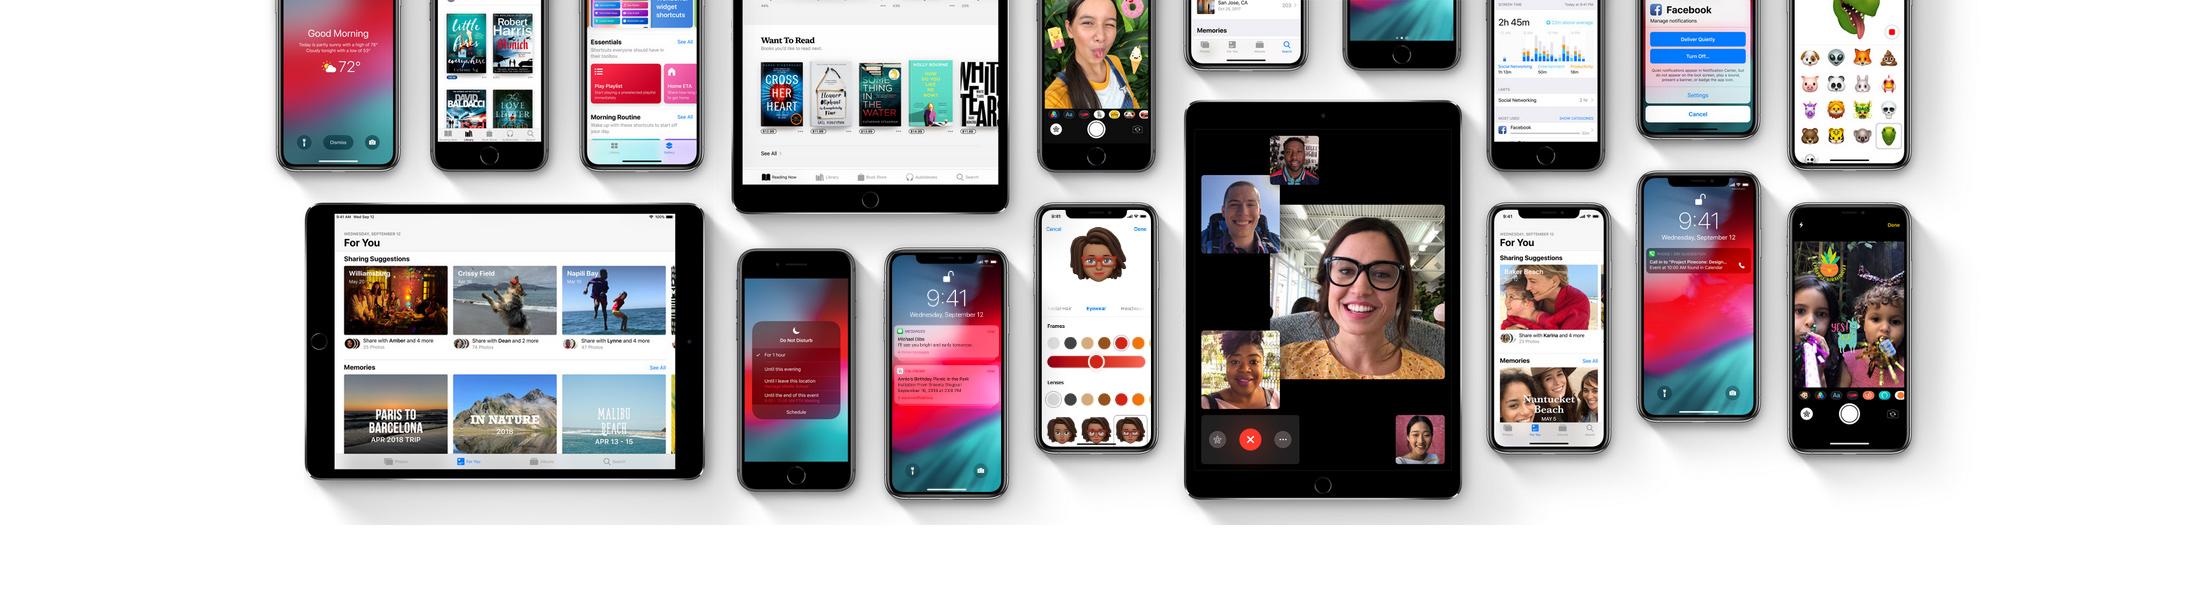 καλύτερο Android app για online dating